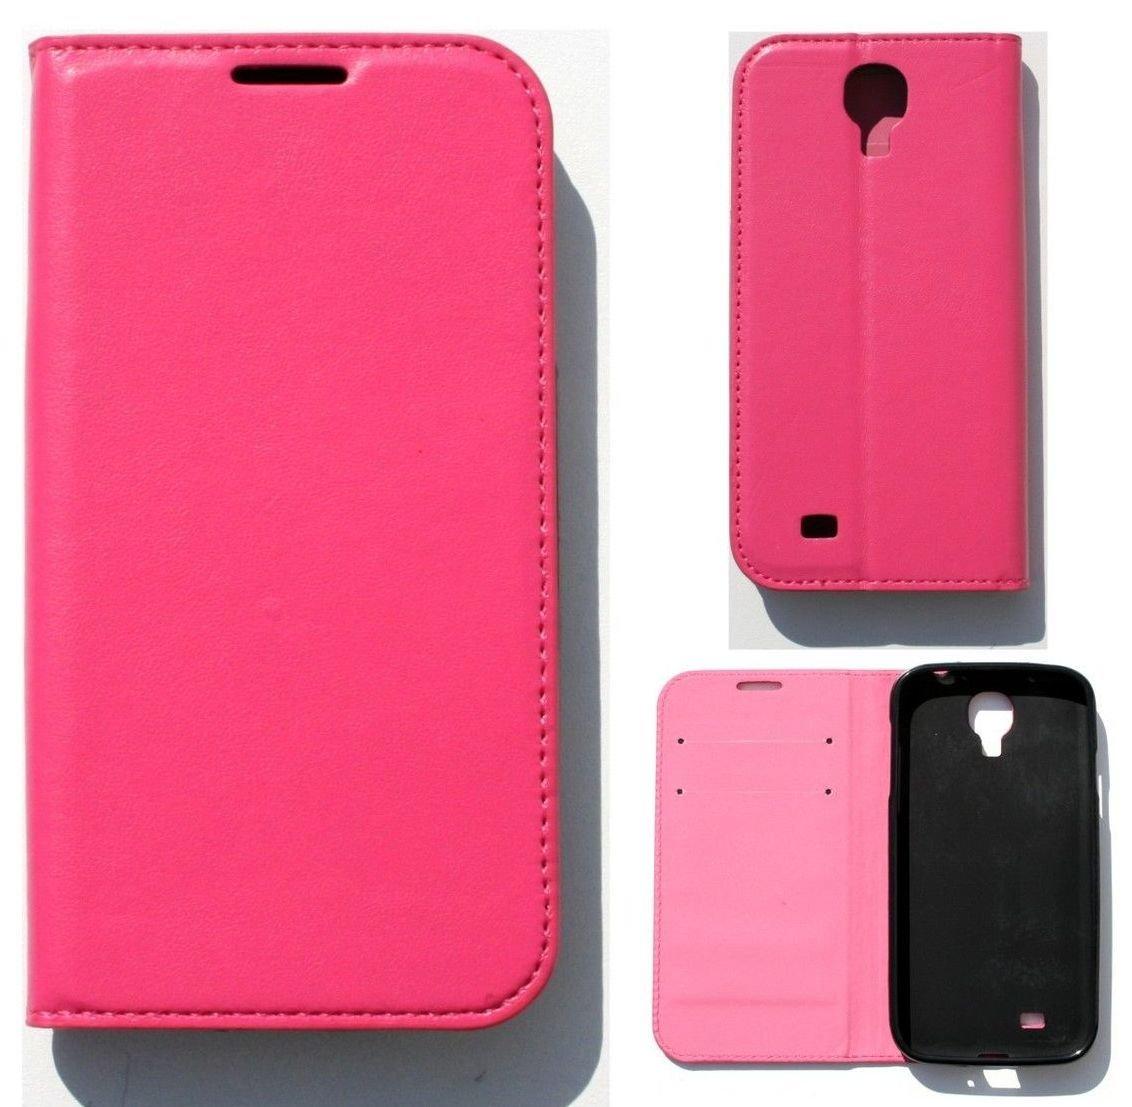 Samsung Galaxy S4 Mini Magnetic Book Case con compartimentos Wallet Funda Classic rosa: Amazon.es: Electrónica